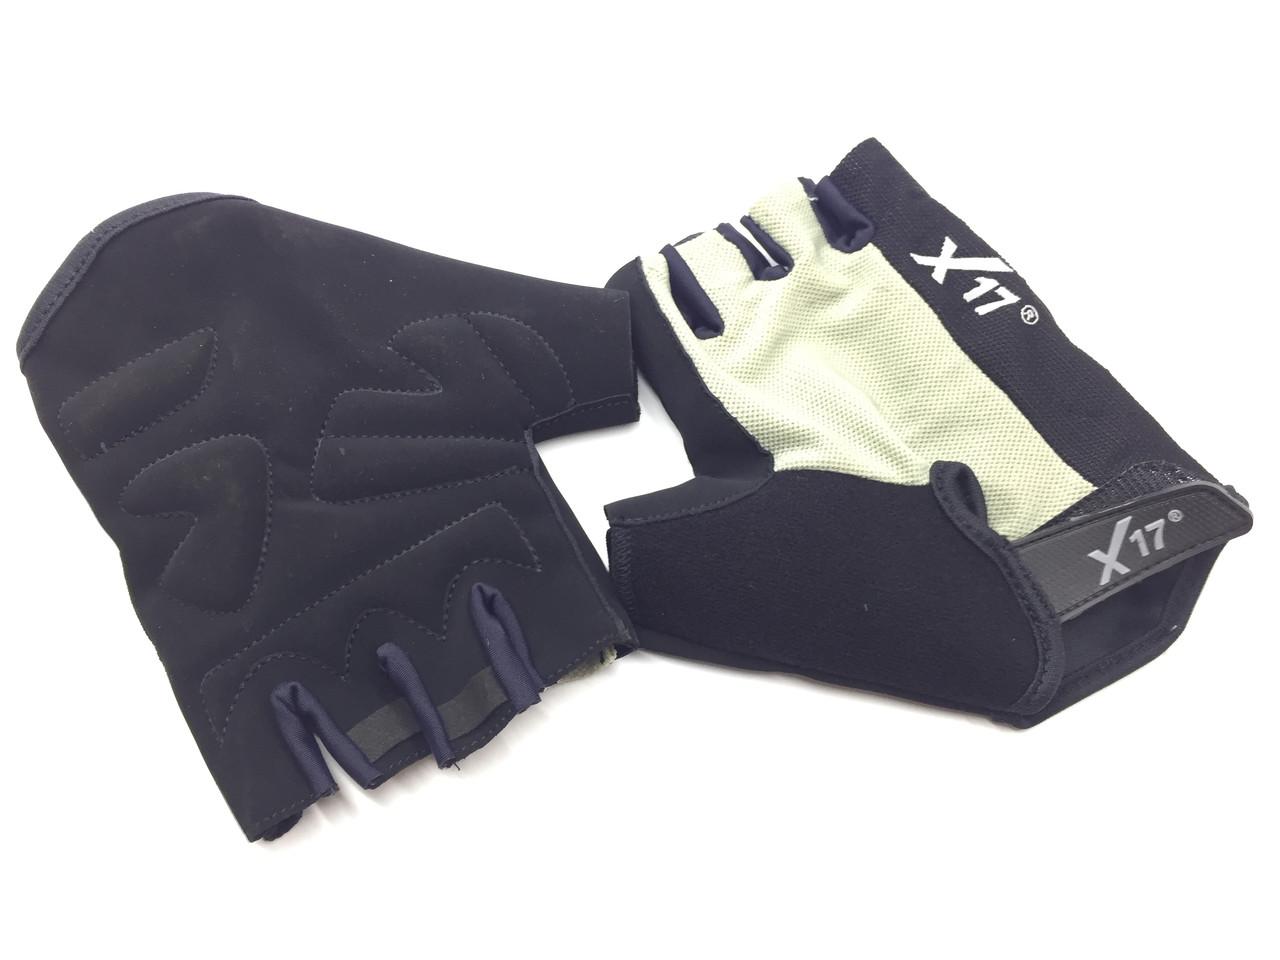 Перчатки велосипедные X17 XGL-527GY серо-черные, L